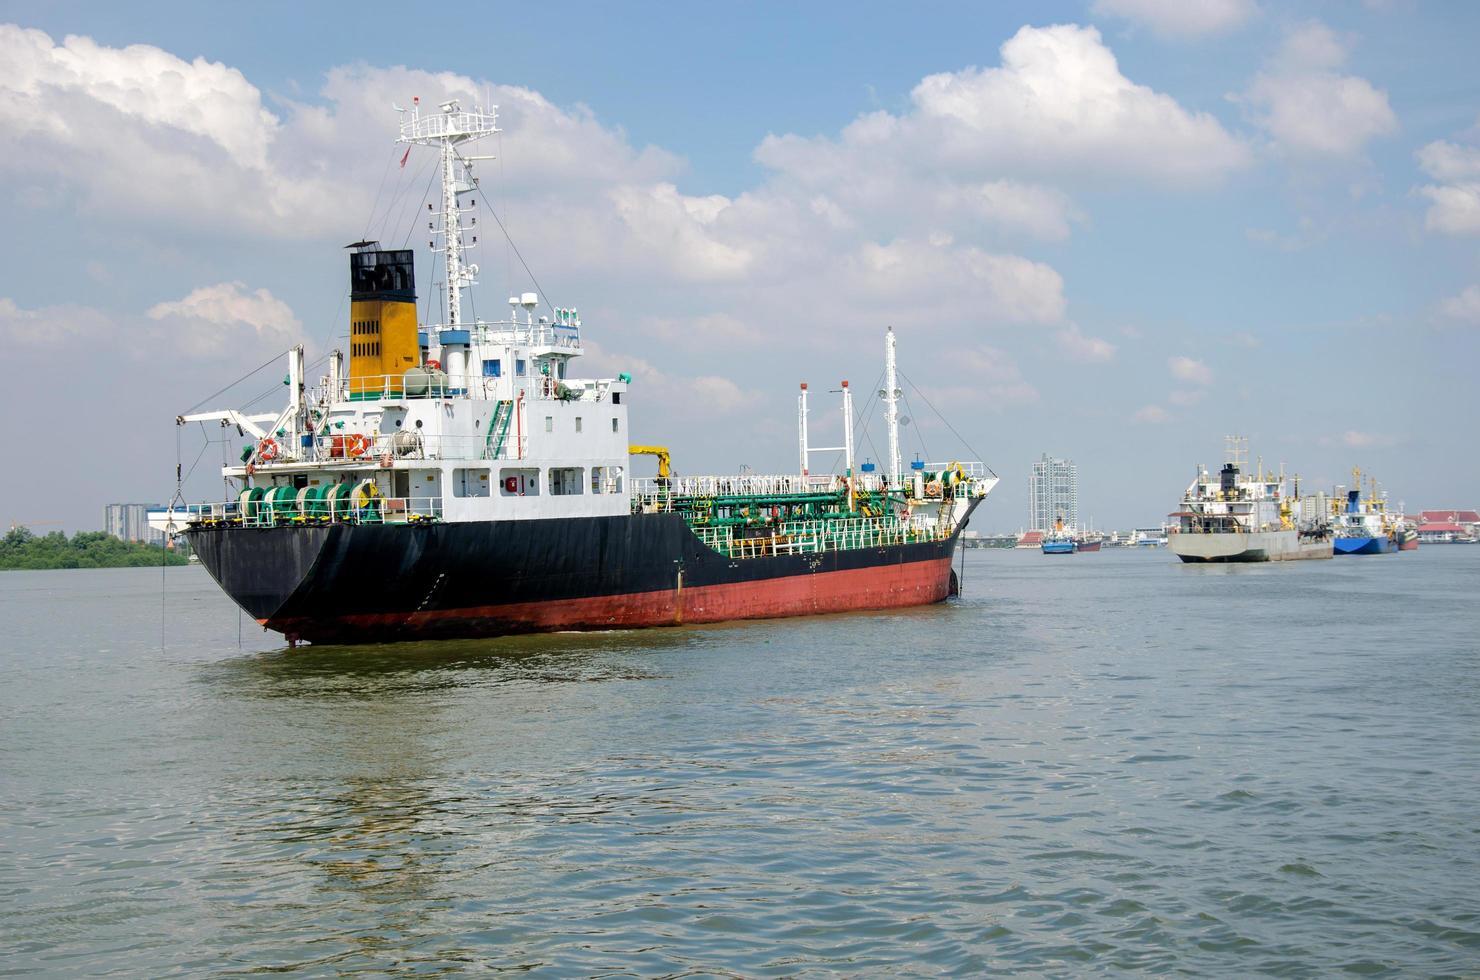 Schiffsladung auf See foto